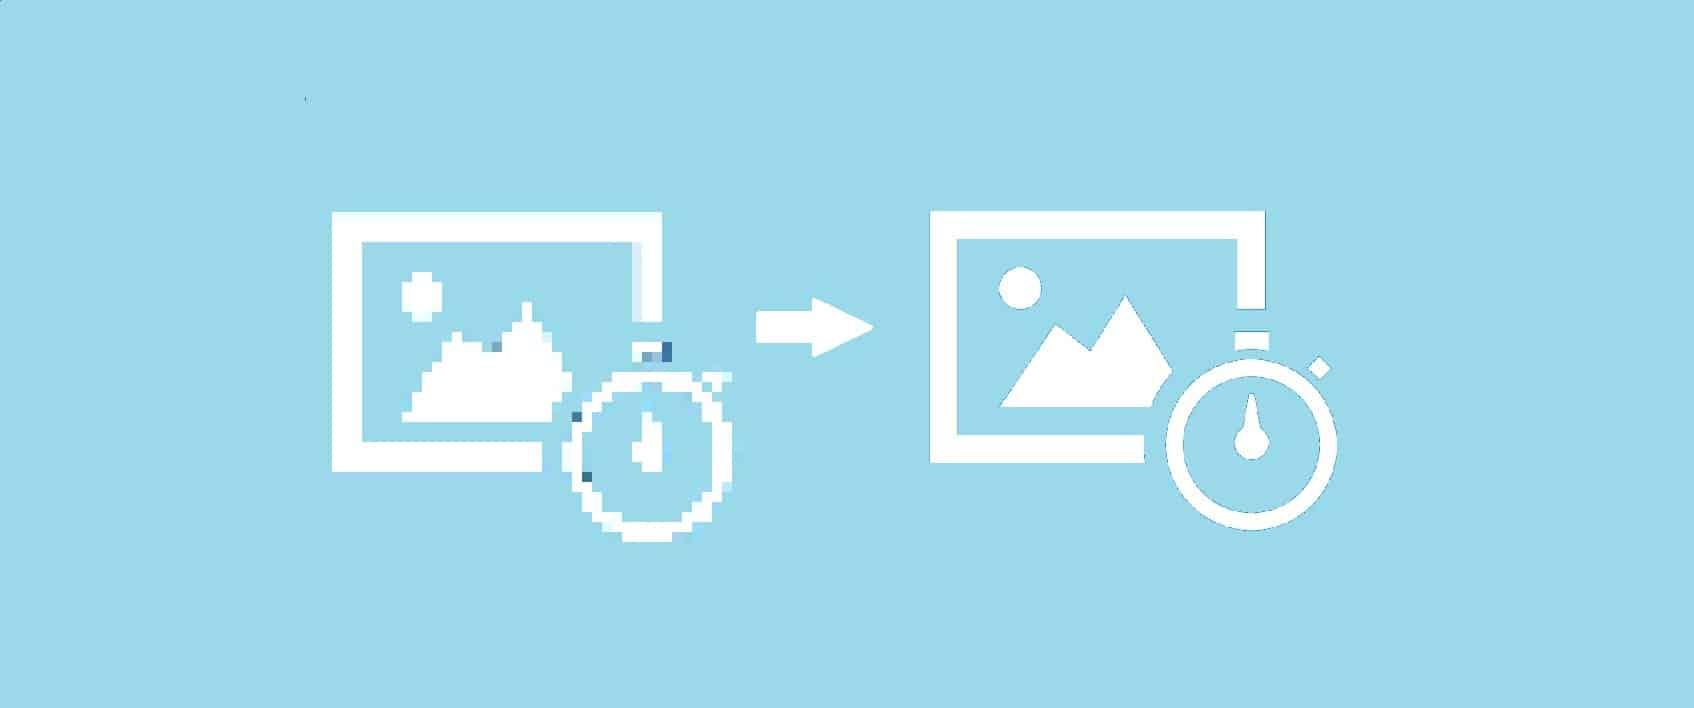 Image Optimizer Plugin Reviews